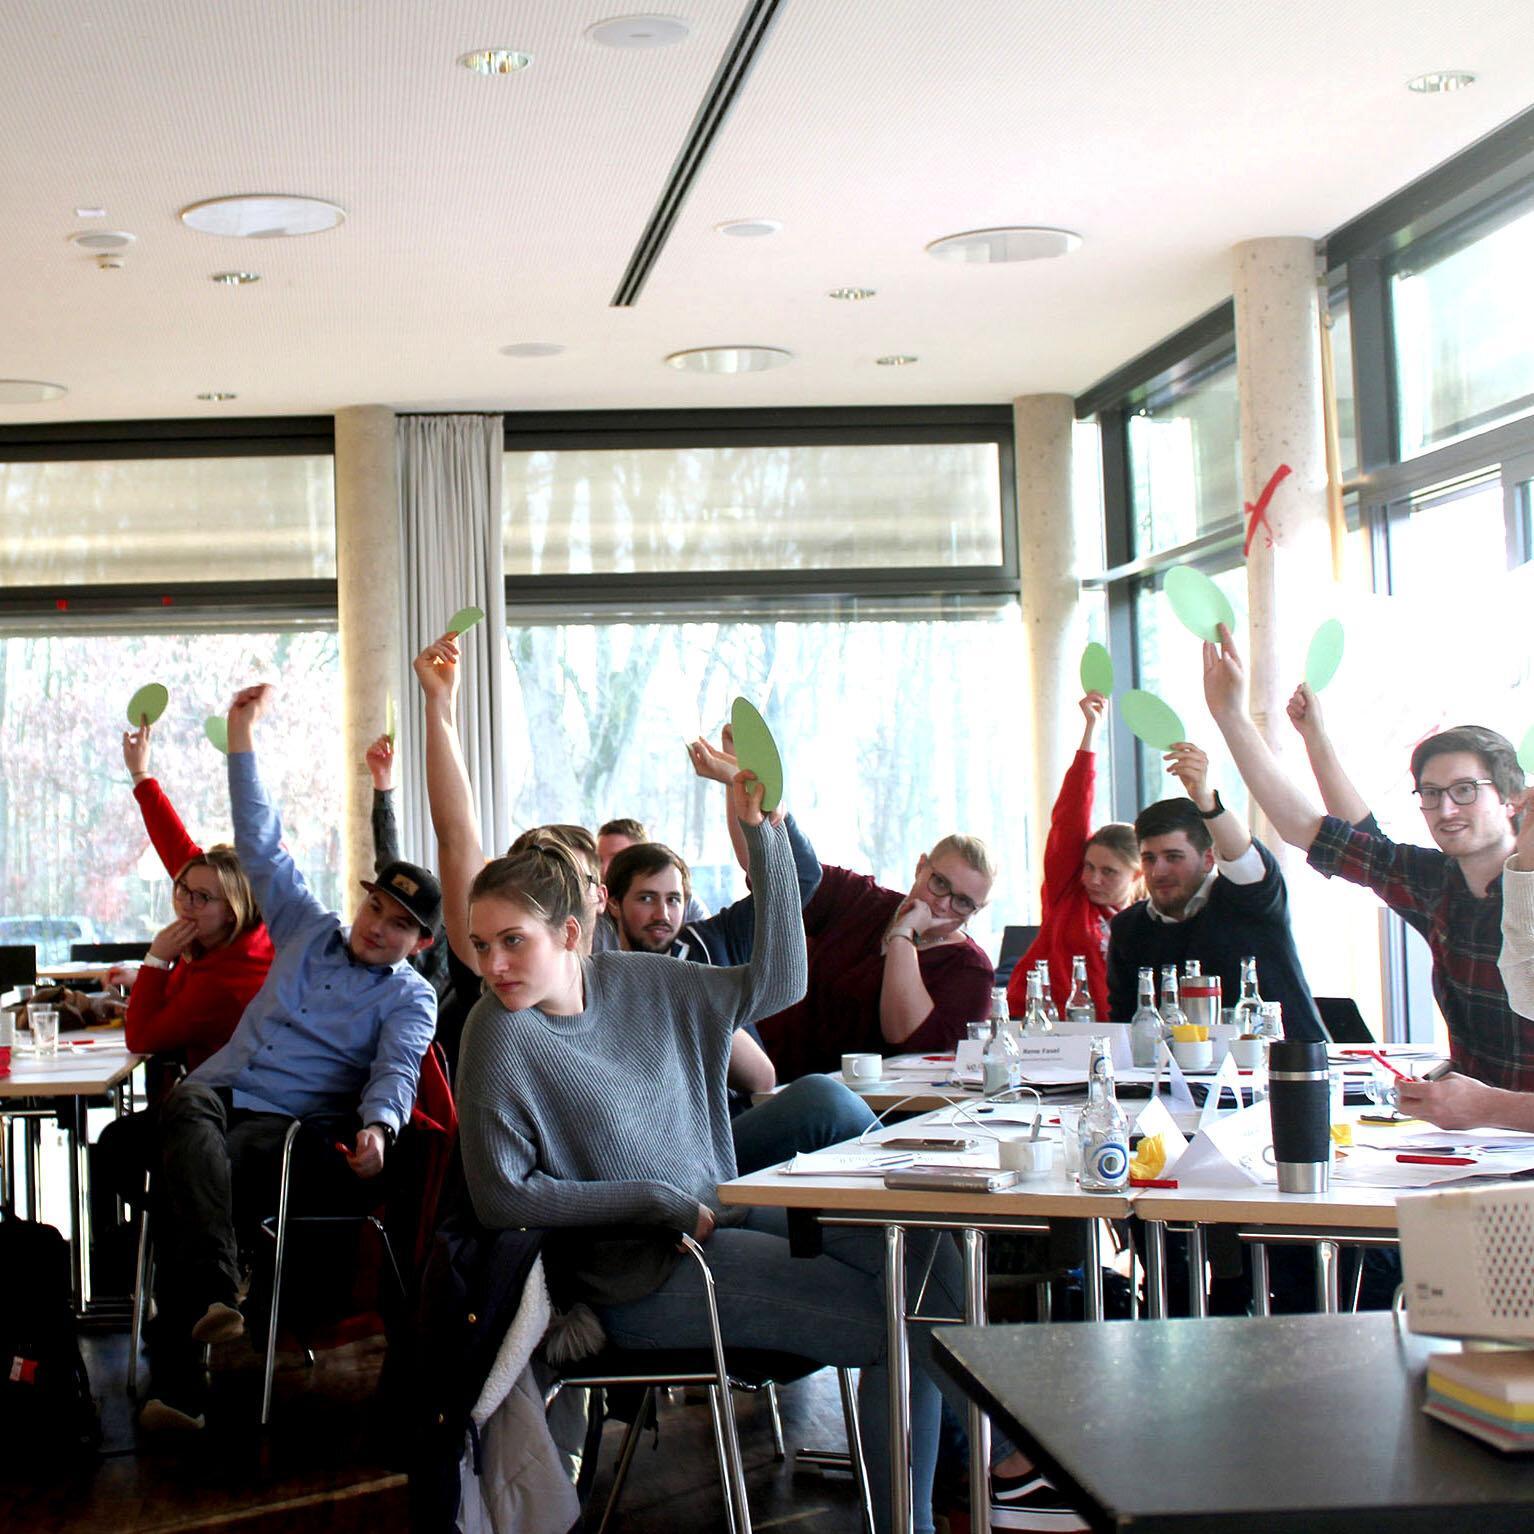 Mehrere junge Menschen sitzen an Tischen zusammen, schauen in die Kamera und halte Abstimmungskarten hoch.